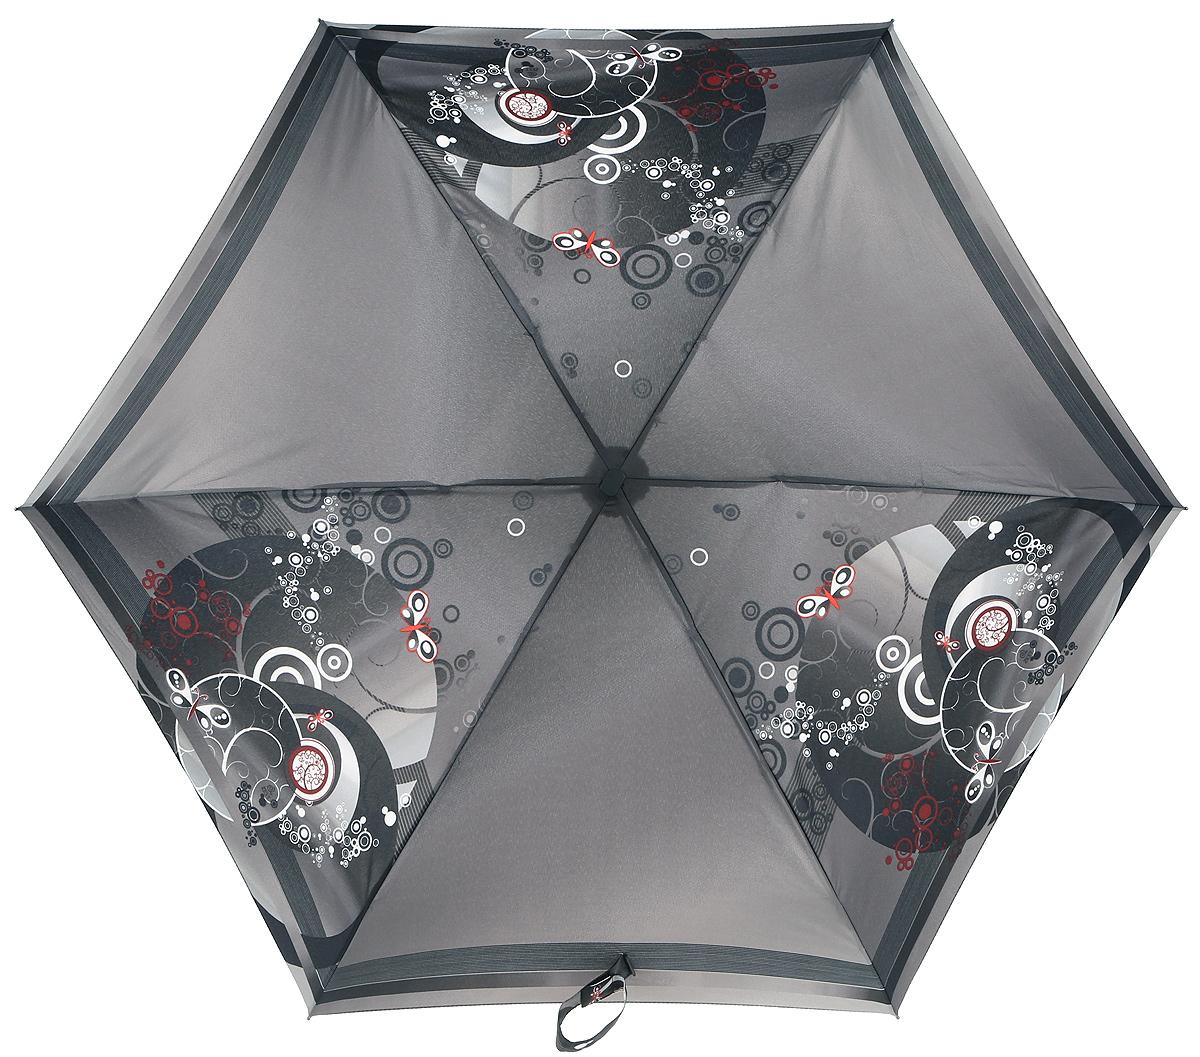 Зонт женский Zest, механический, 5 сложений, цвет: темно-серый, белый. 25516-003225516-0032Зонт классической модели из мягкой и приятной на ощупь ткани, знаменитое венгерское качество имеющее многовековую традицию.